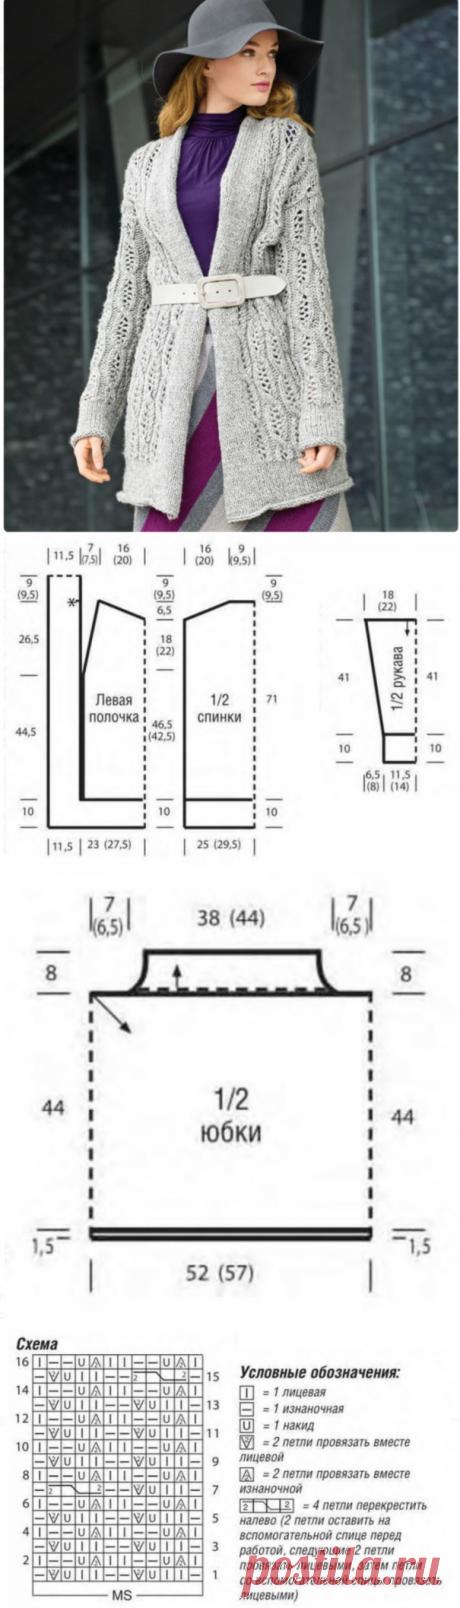 Интересный длинный кардиган и трехцветная юбка - описание и схемы вязания спицами